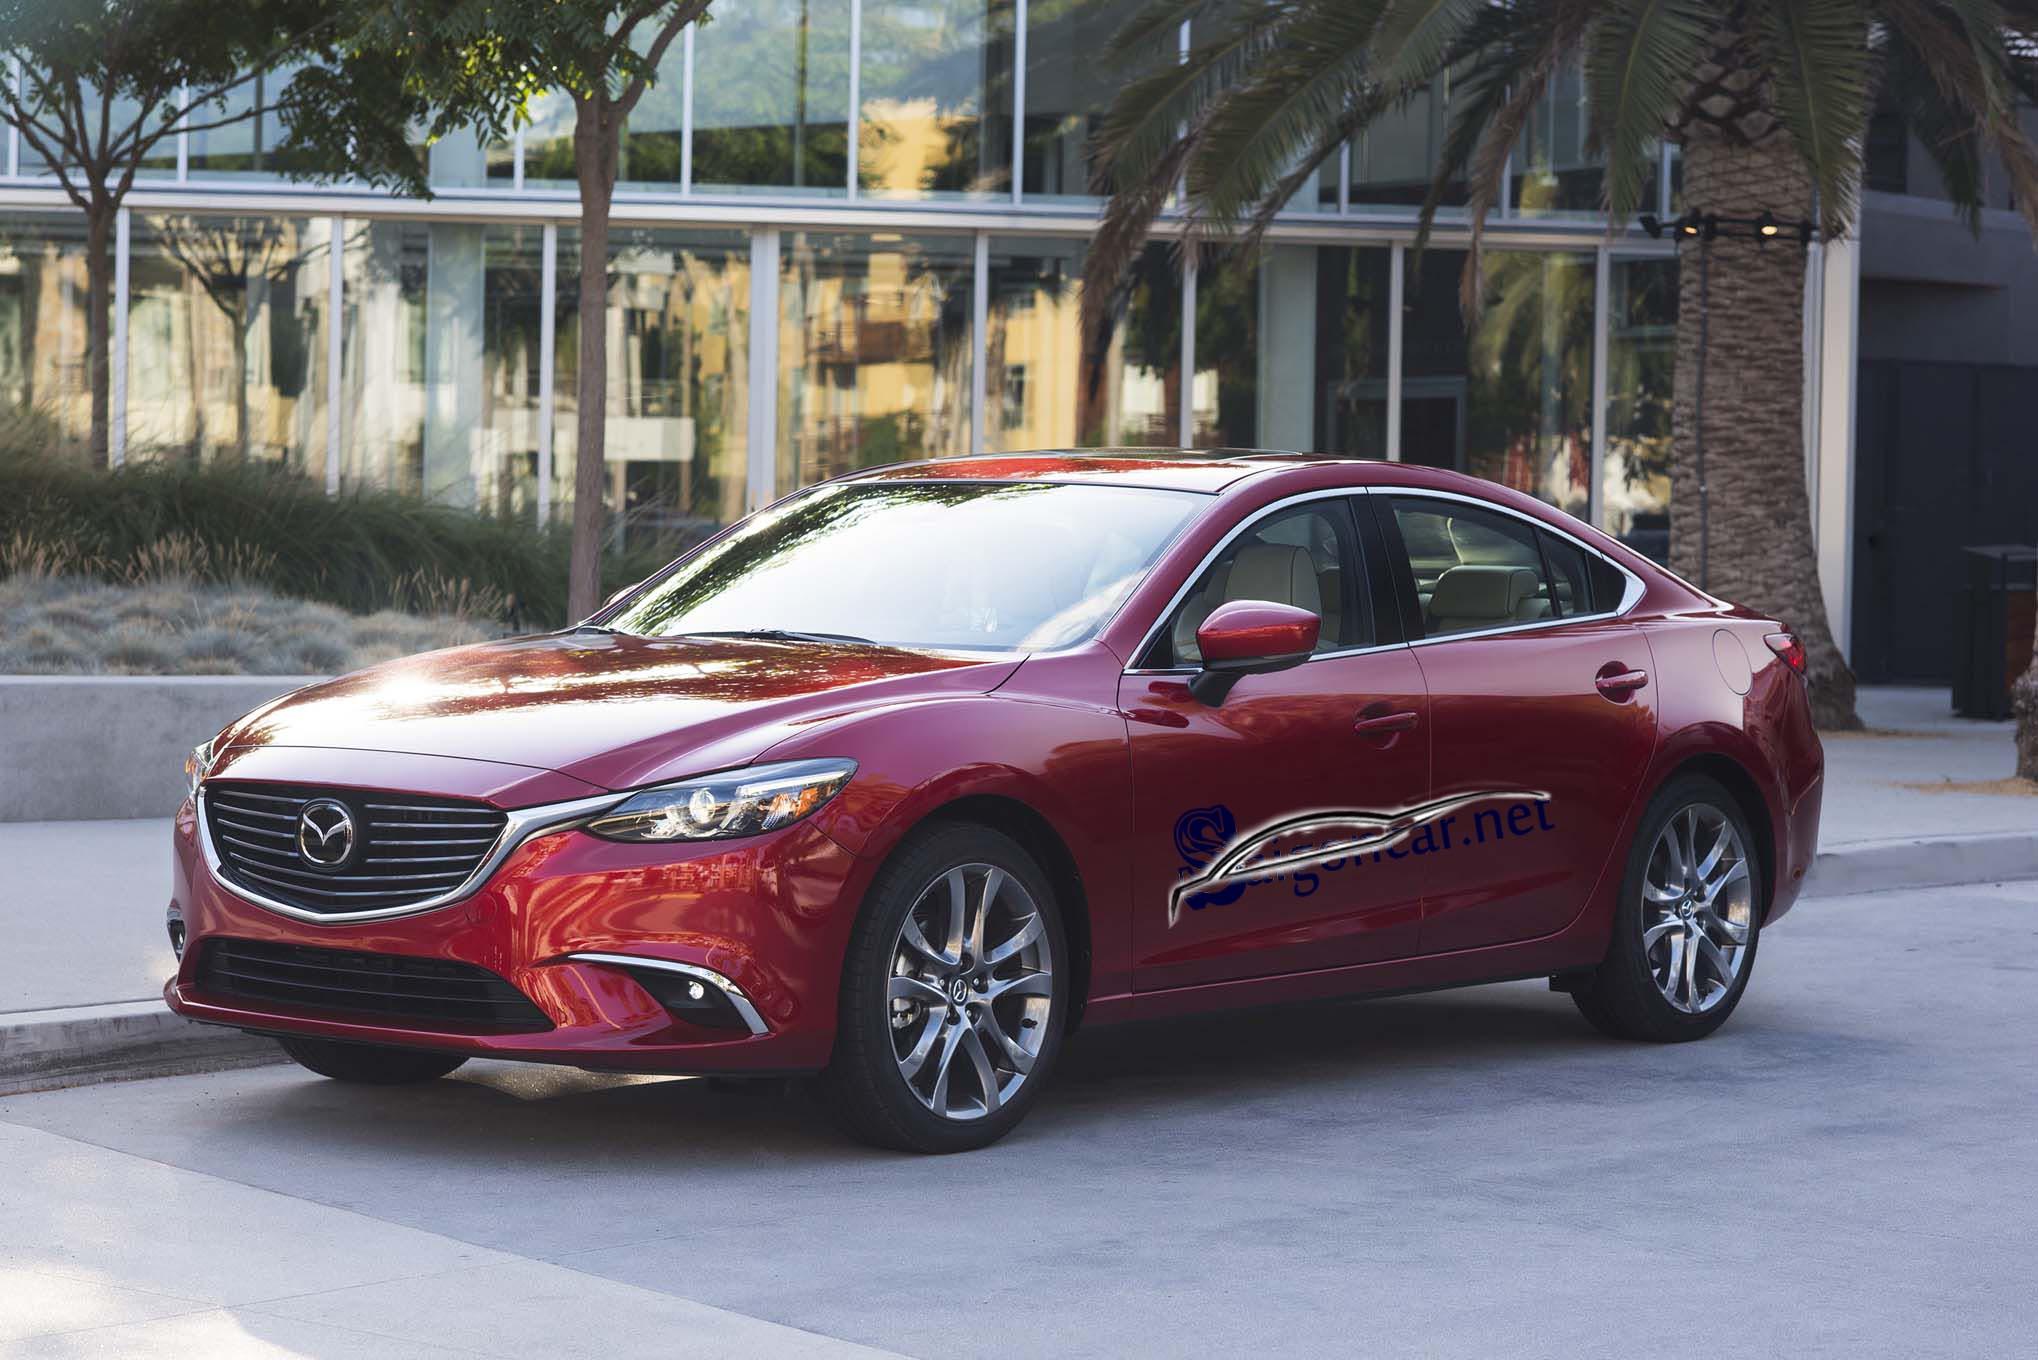 Đánh giá xe Mazda 6 2019